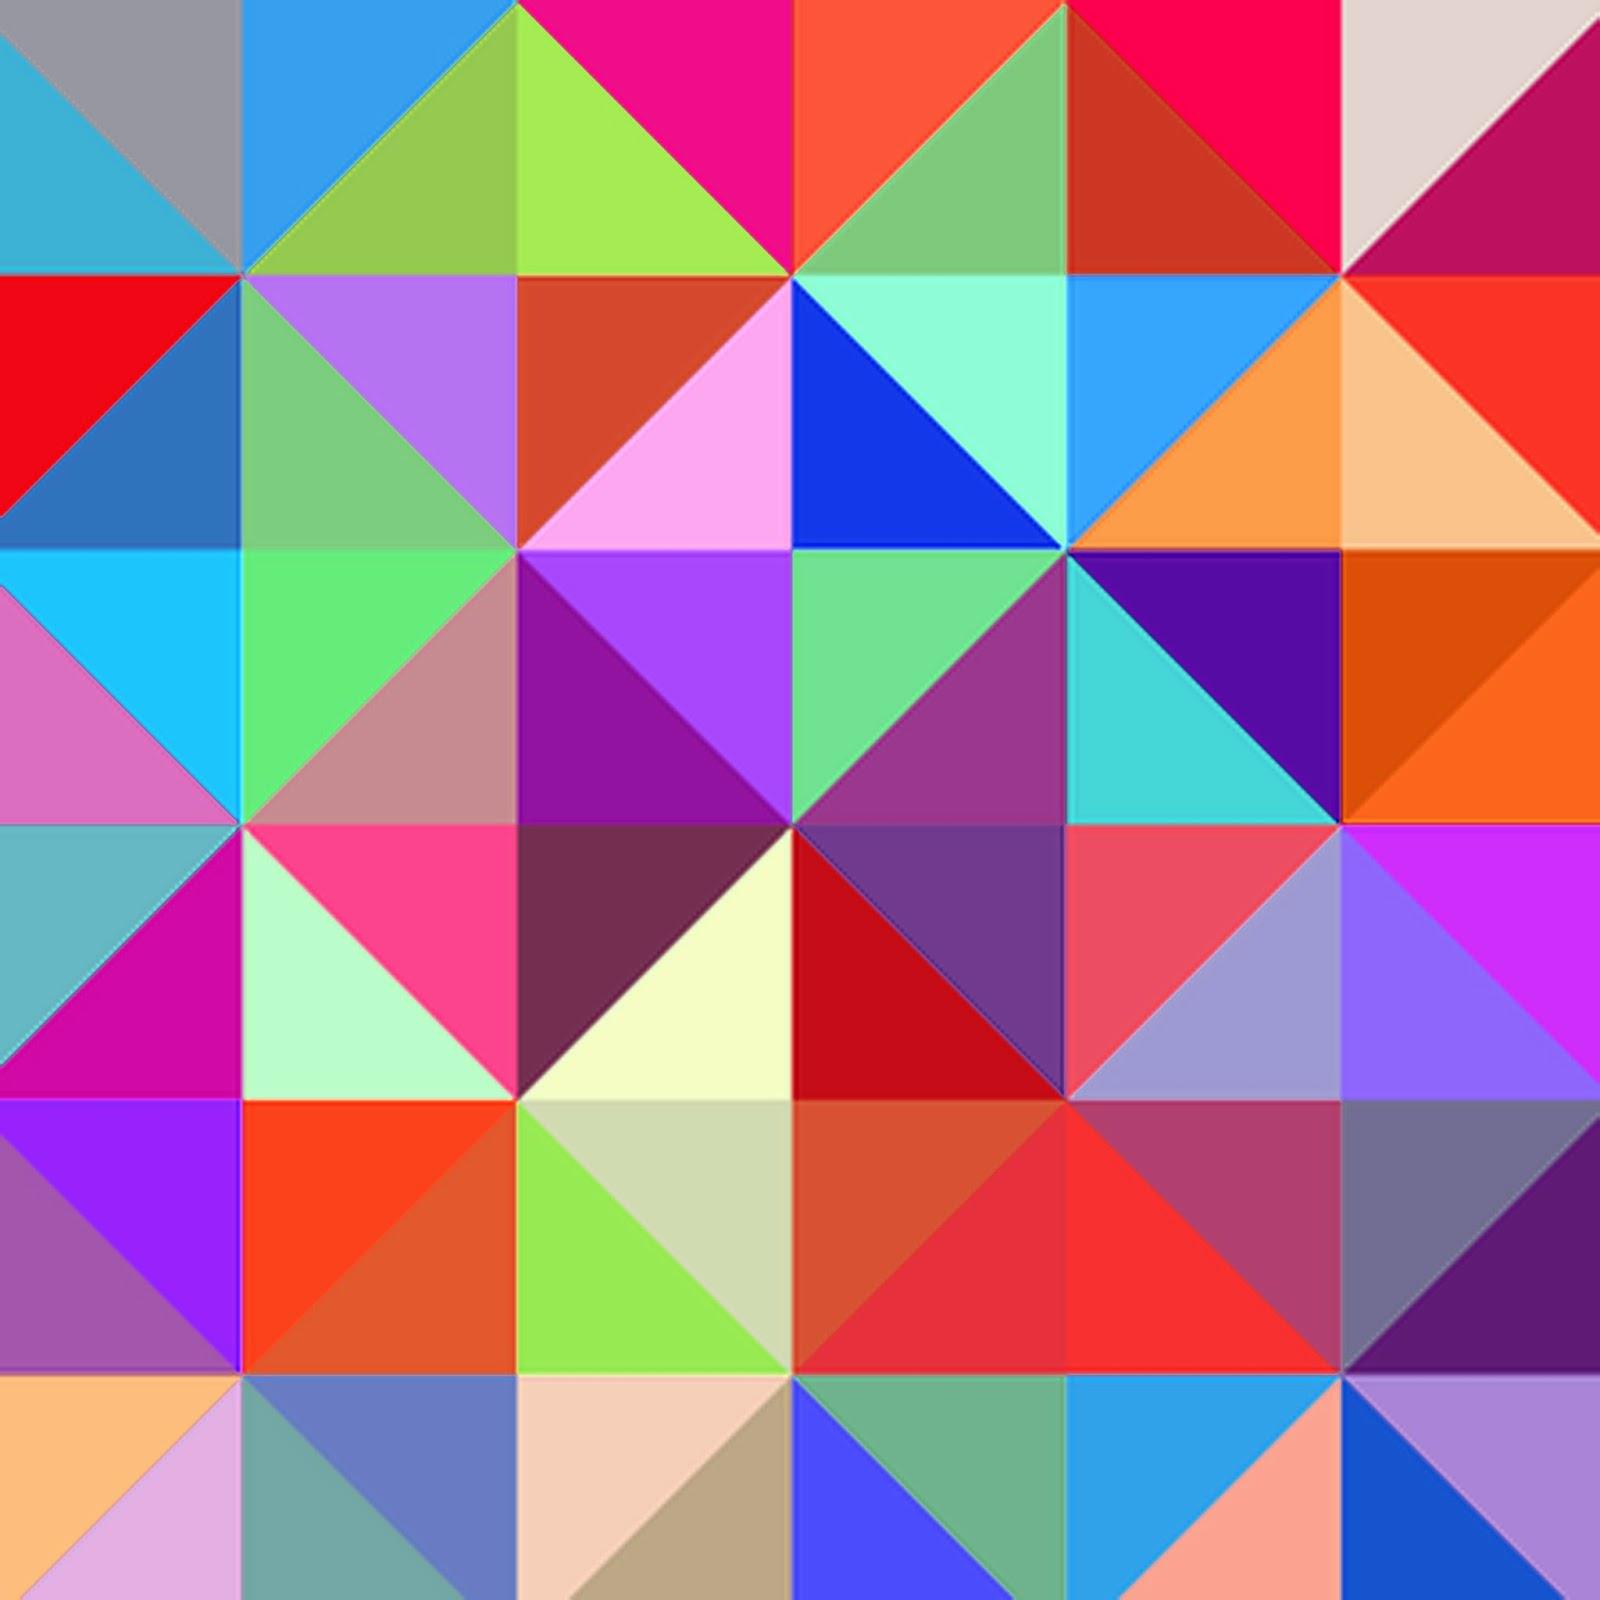 http://3.bp.blogspot.com/-W5-gnbb-THk/Uyow784kECI/AAAAAAAAlyw/ywF8Eo08B4A/s1600/triangles+7.jpg